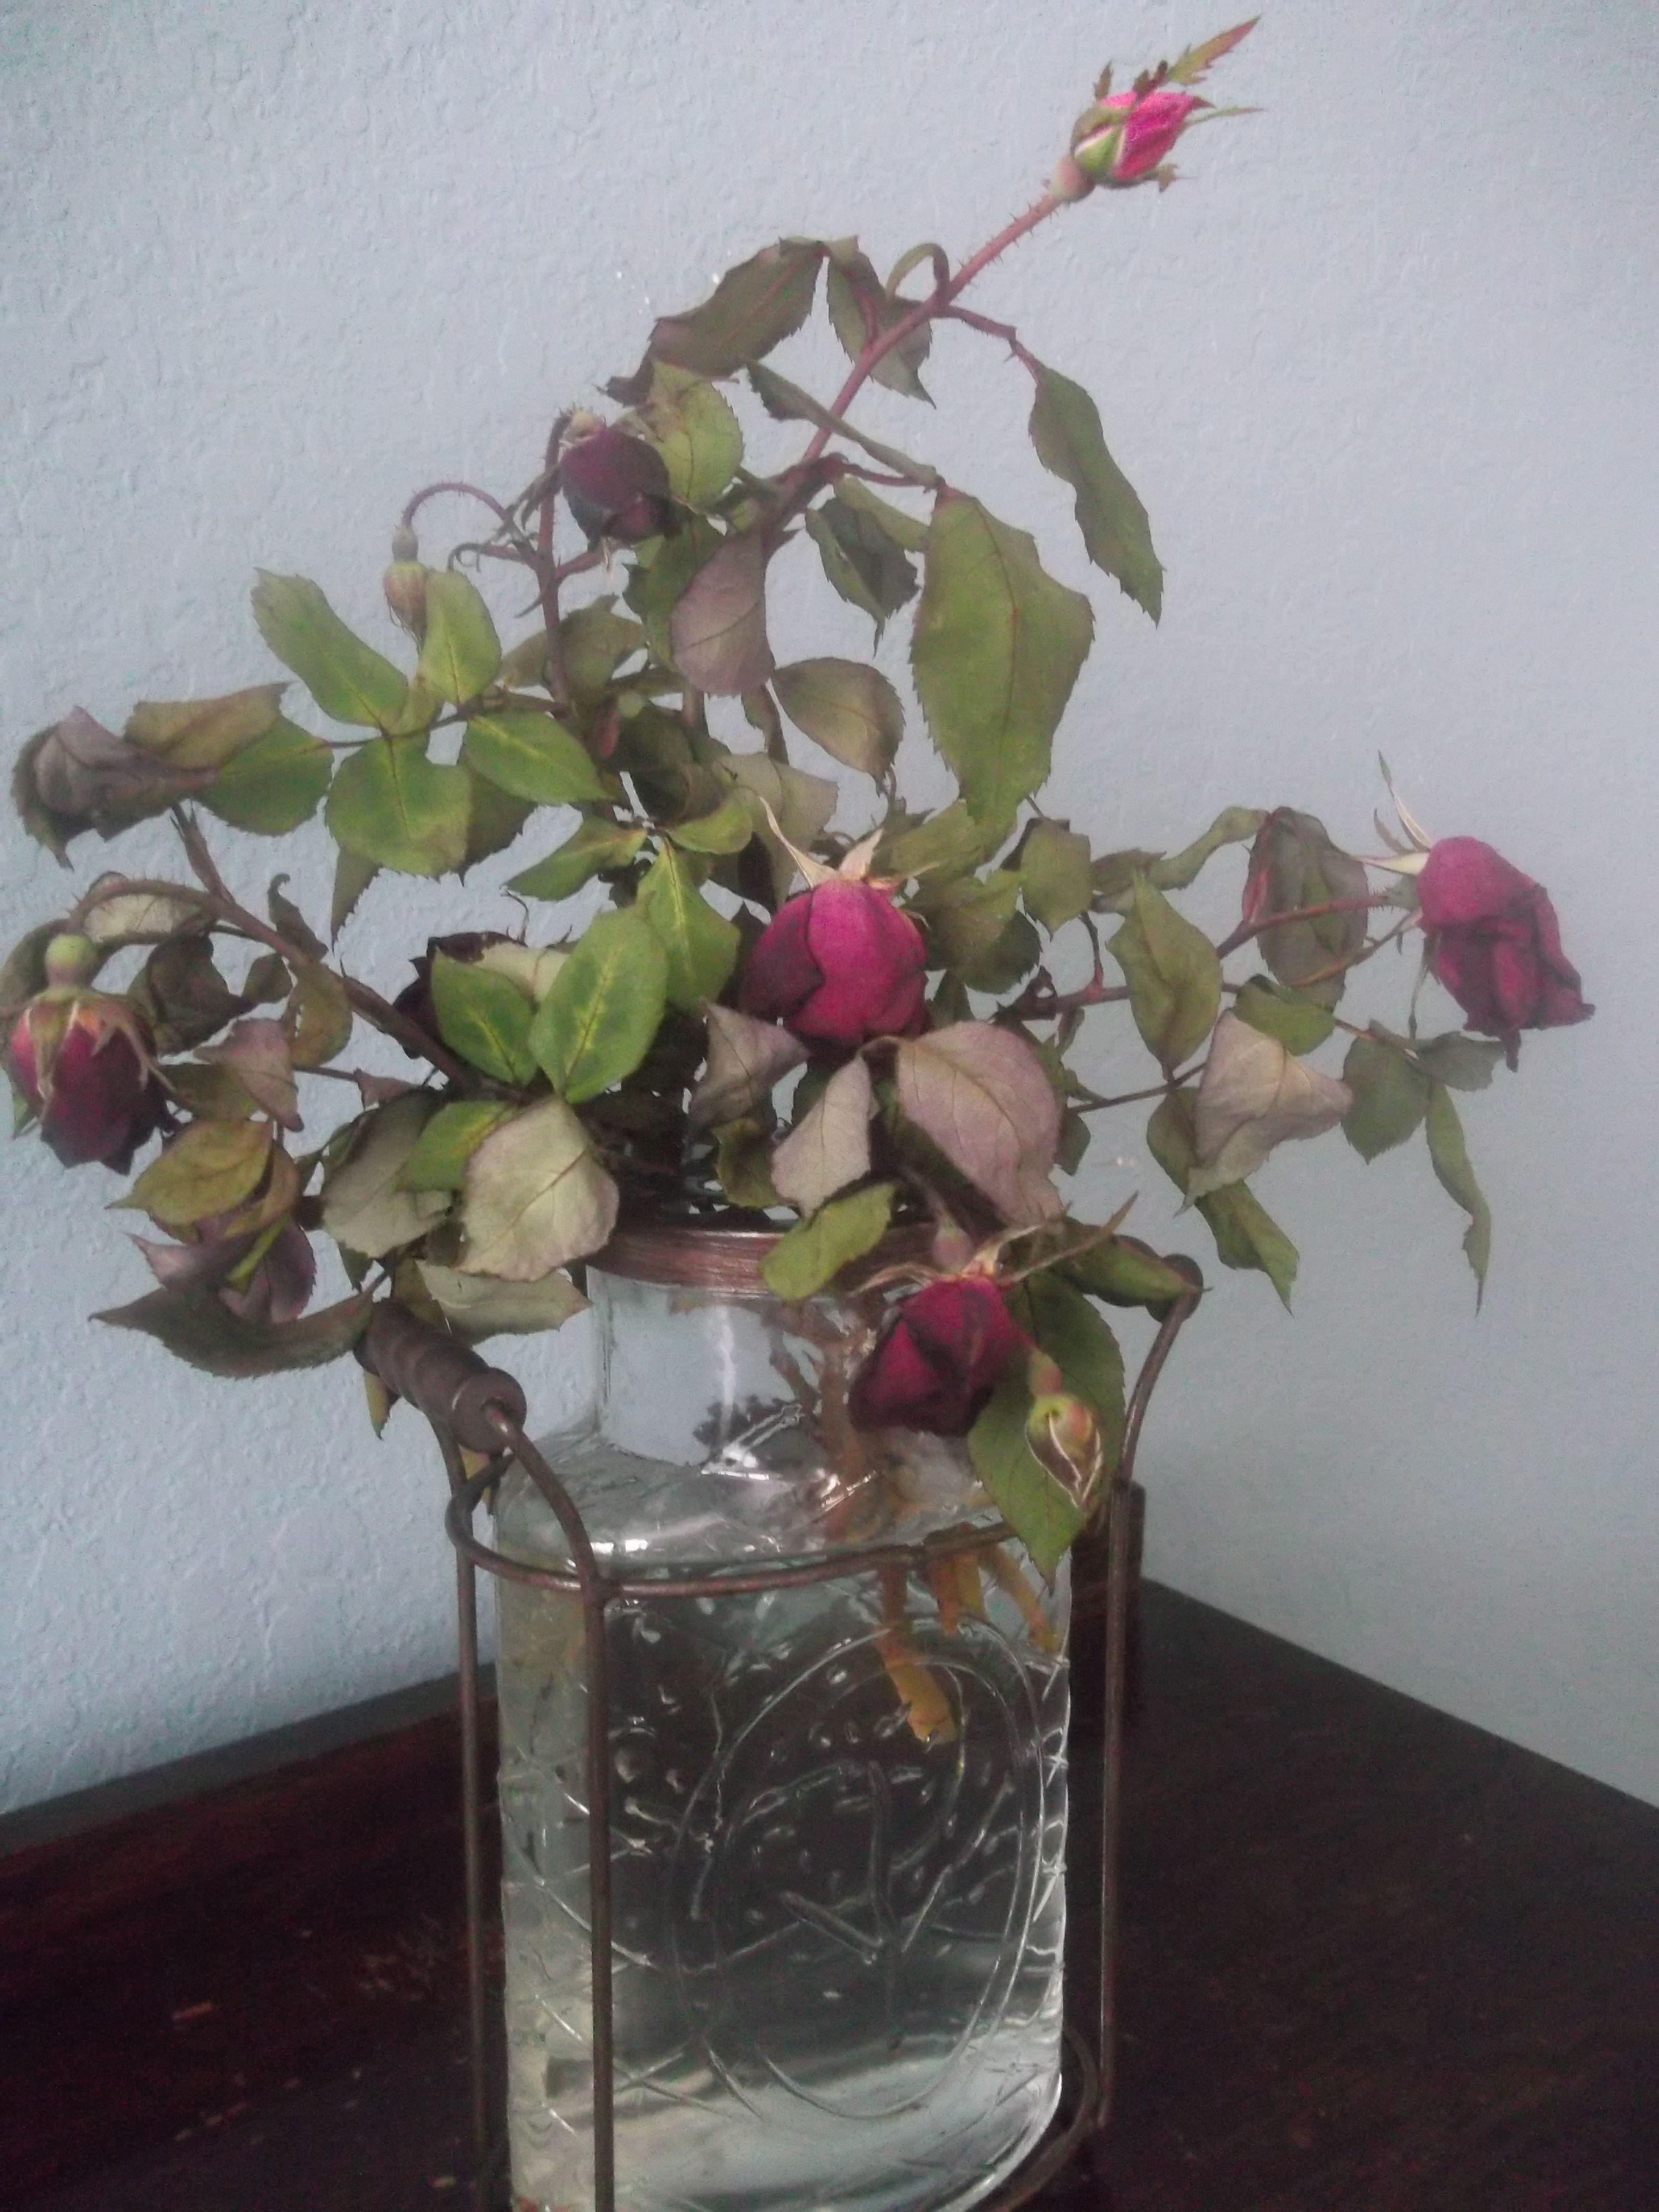 Diy Flower Preservative Diy Flowers How To Preserve Flowers Flowers